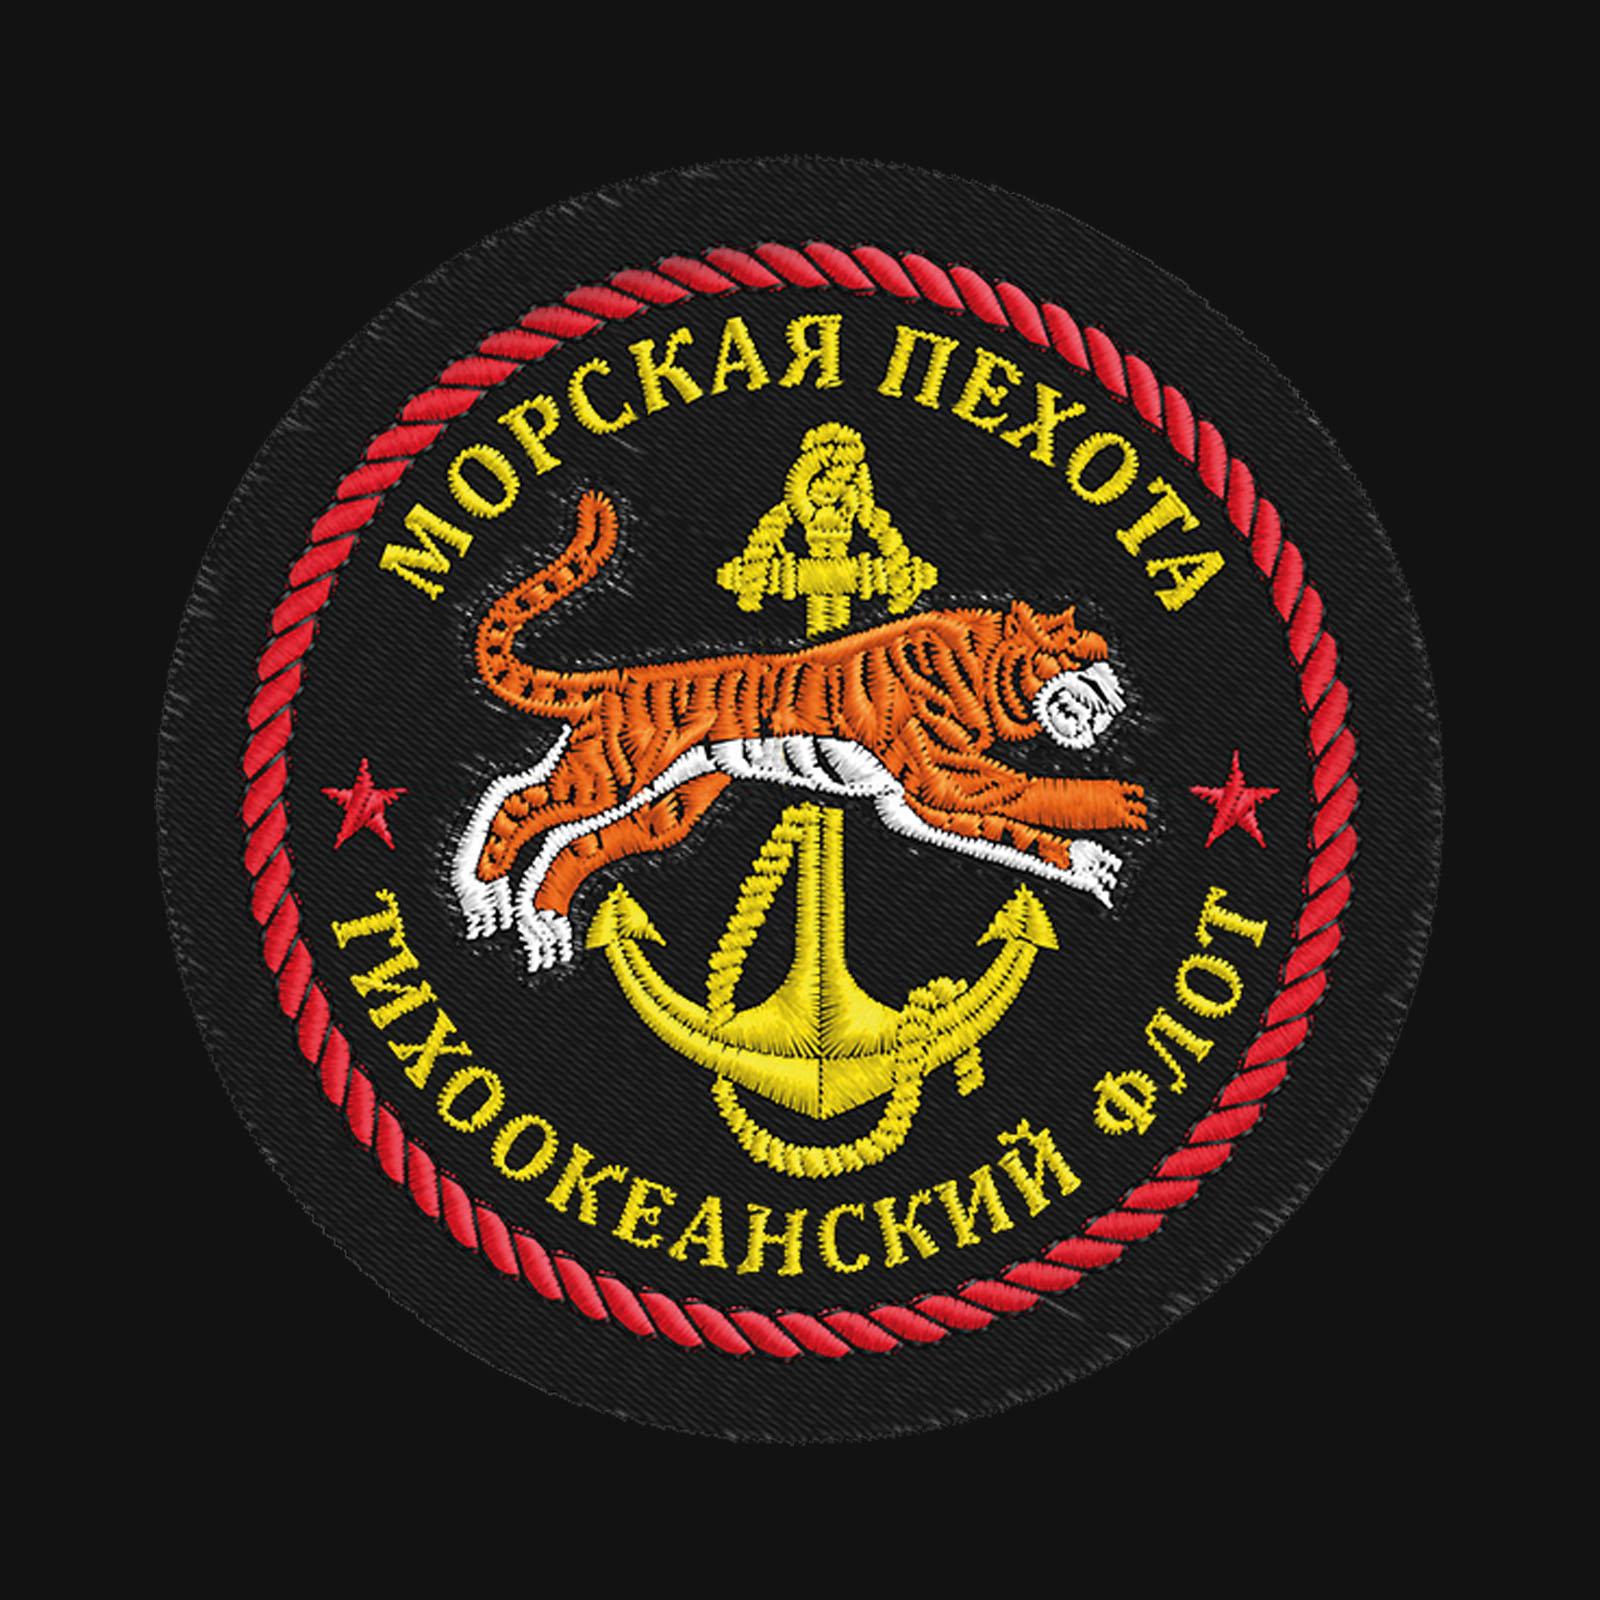 Универсальная толстовка с шевроном Морской пехоты купить в розницу